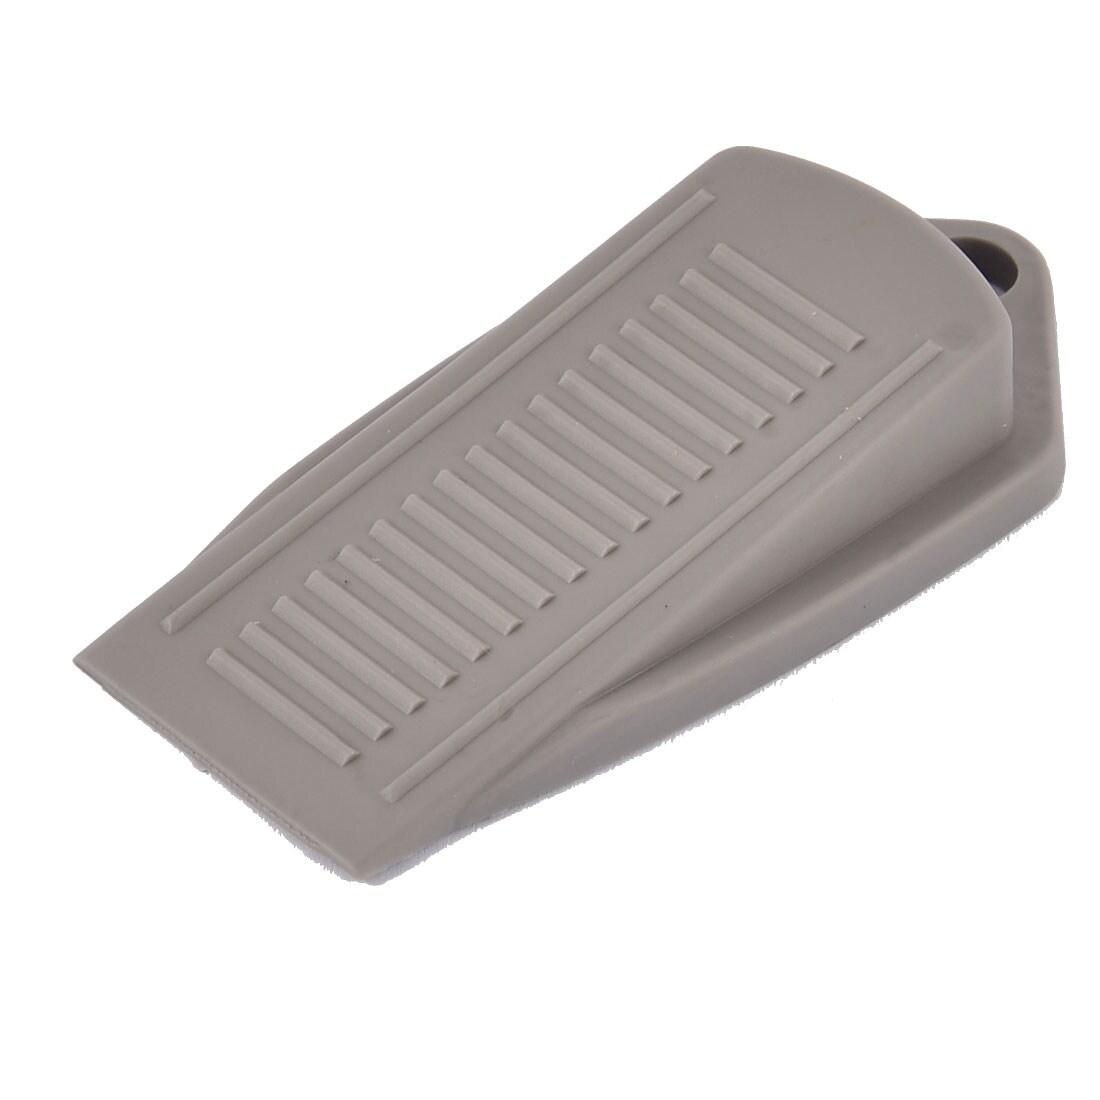 uxcell Rubber Door Stopper Security Door Stop Modern Wedge Floor Non-Scratching Doorstop Clear Blue 4pcs